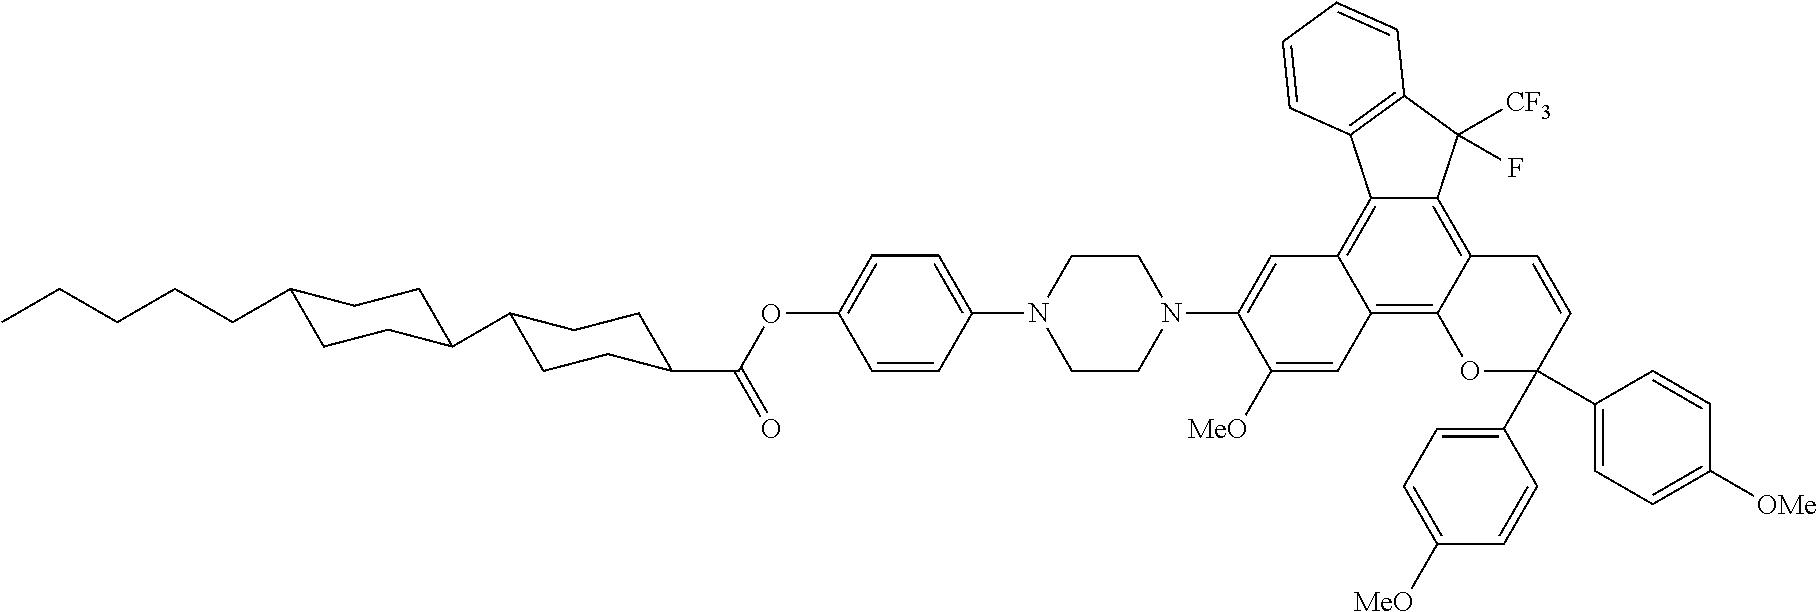 Figure US08518546-20130827-C00035